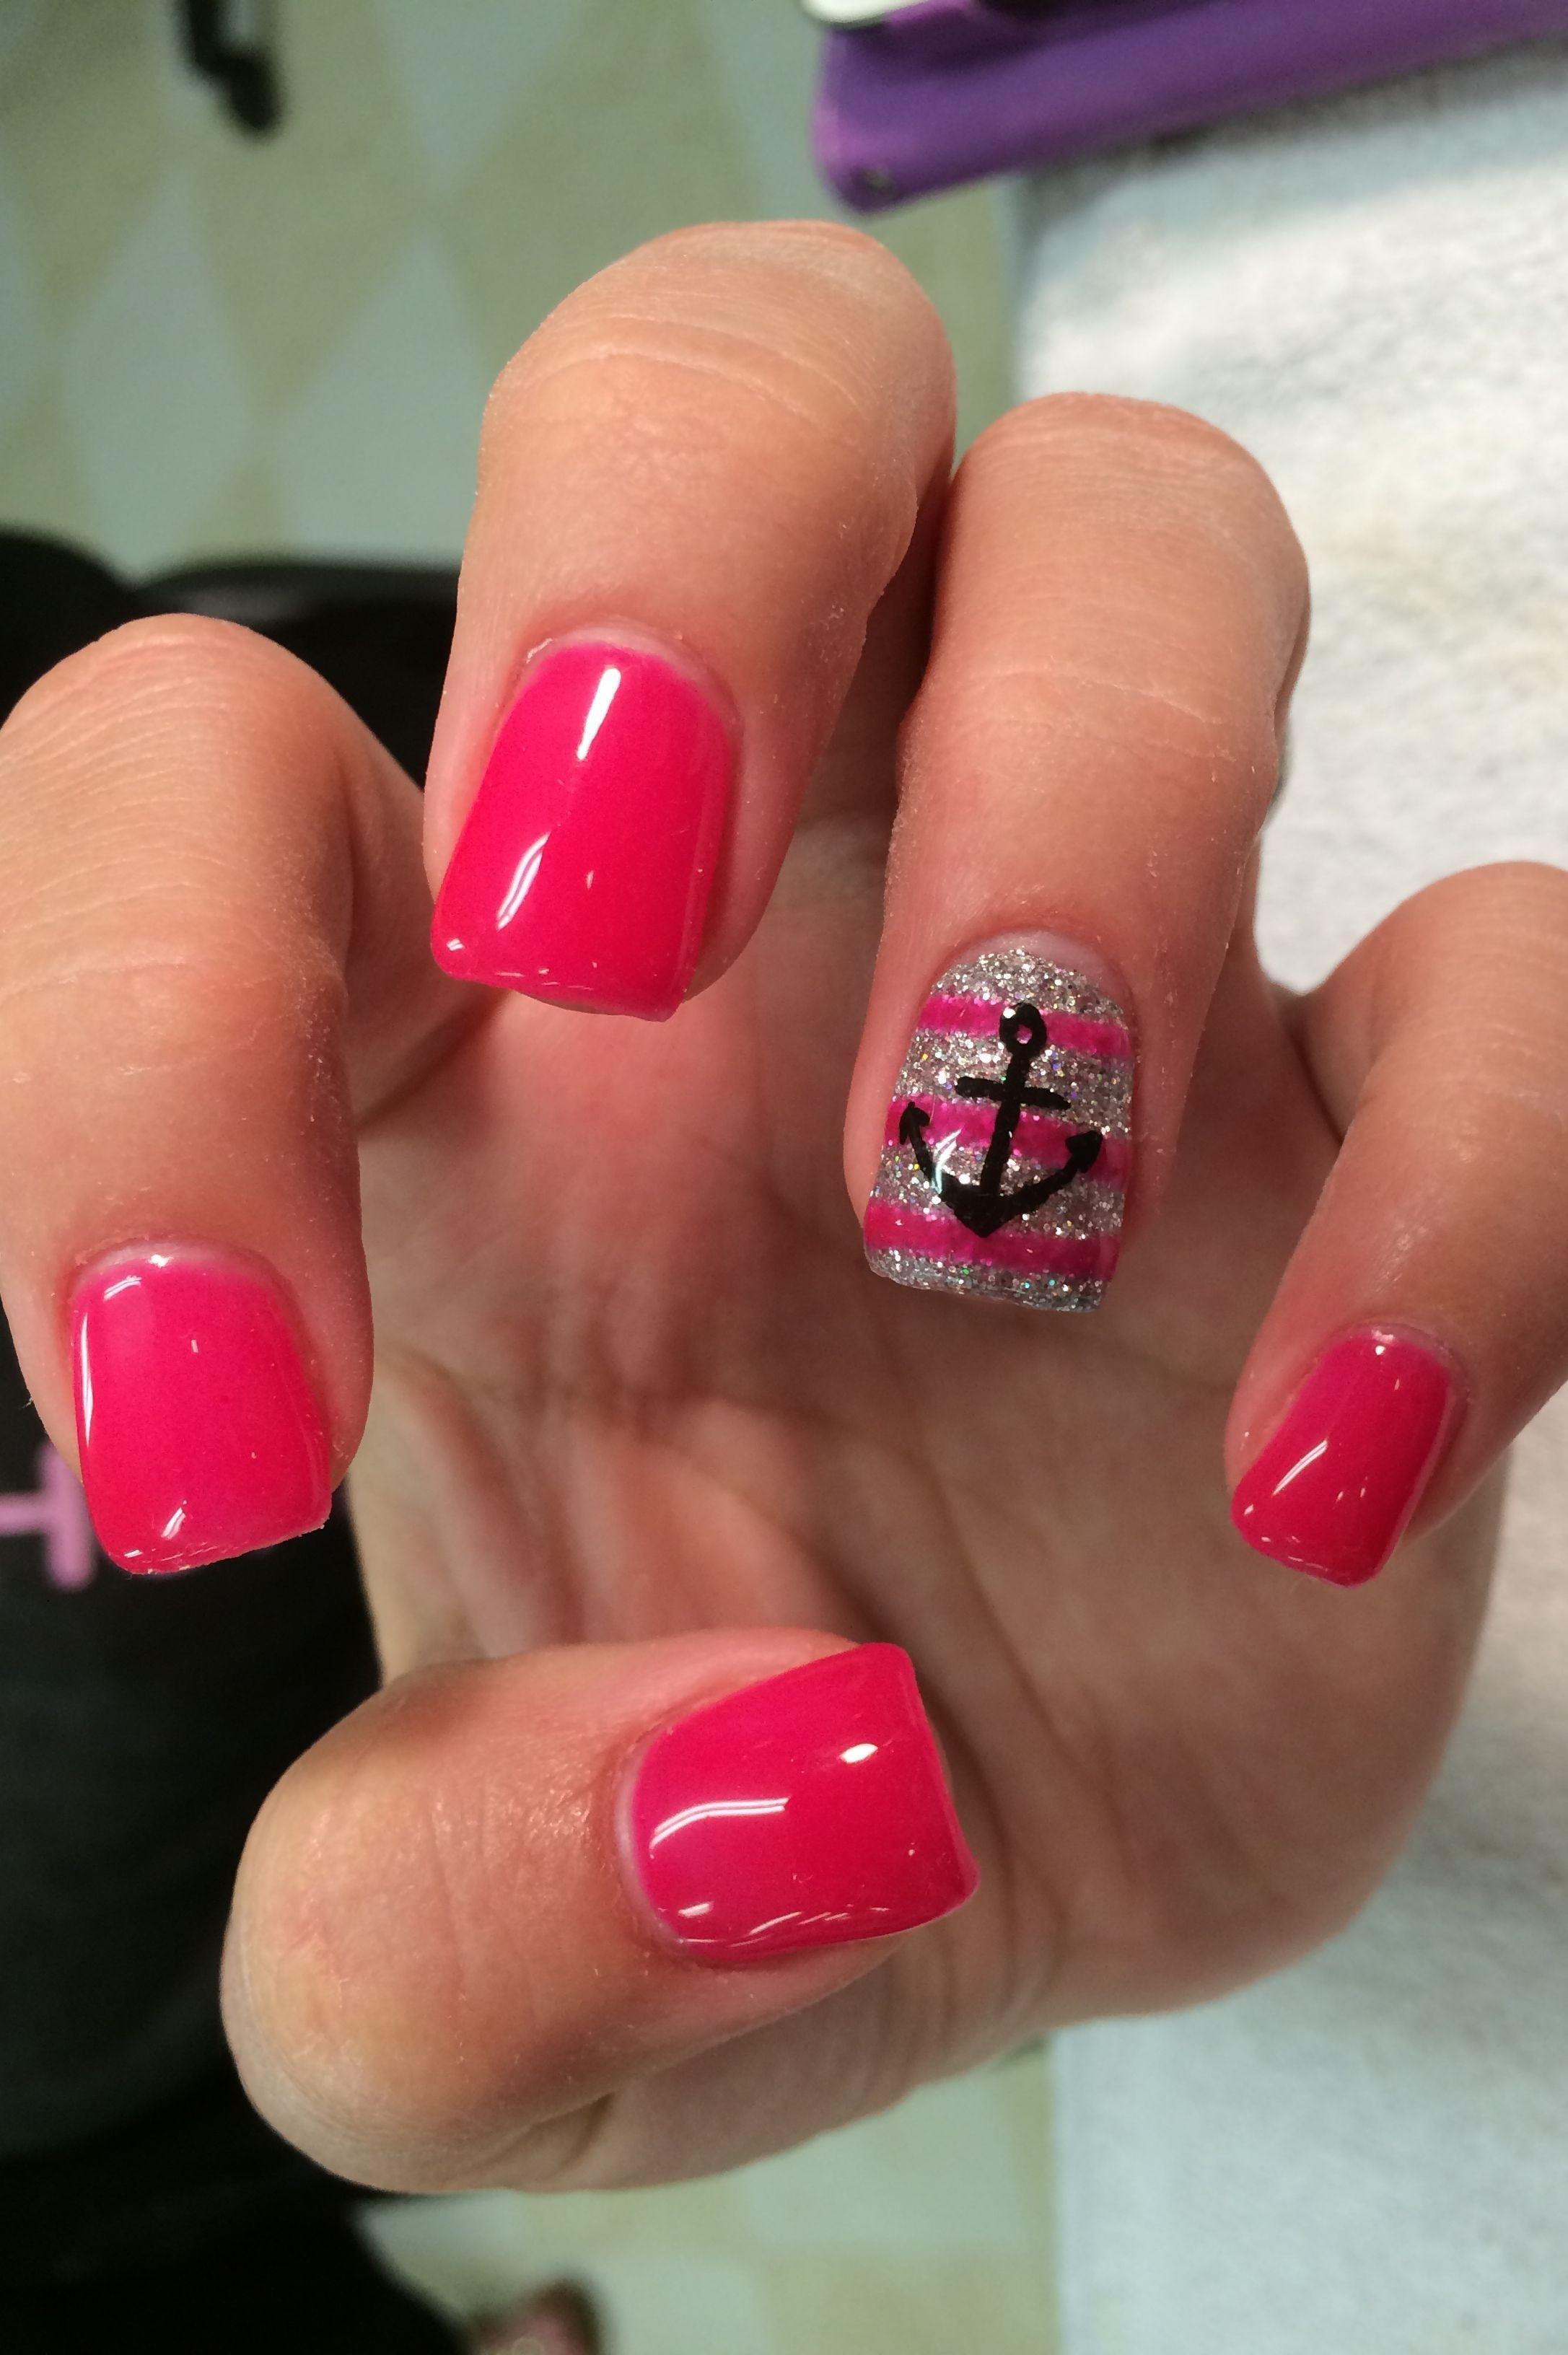 Hot pink anchor nails | Pretty nails :-) | Pinterest | Anchor nails ...